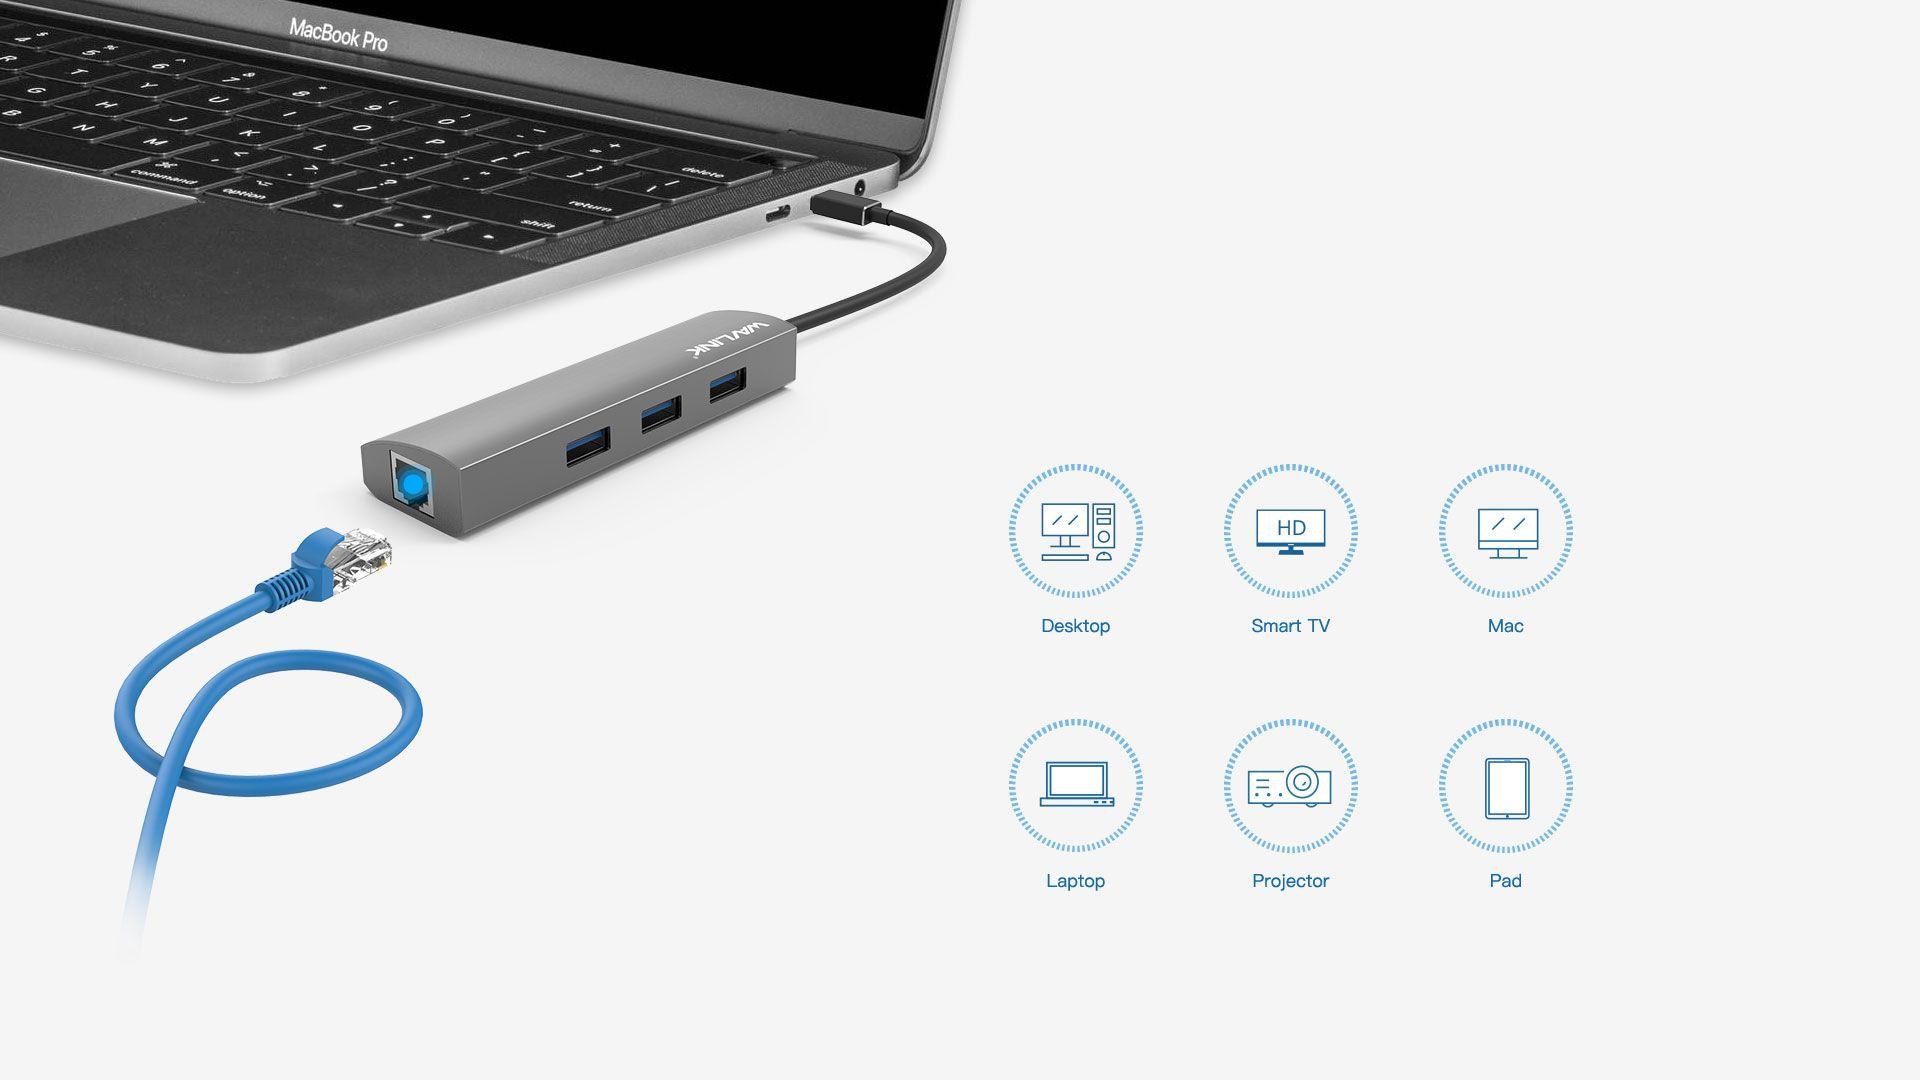 WAVLINK SUPERSPEED USB-C 4-PORT HUB WITH GIGABIT ETHERNET 3 6